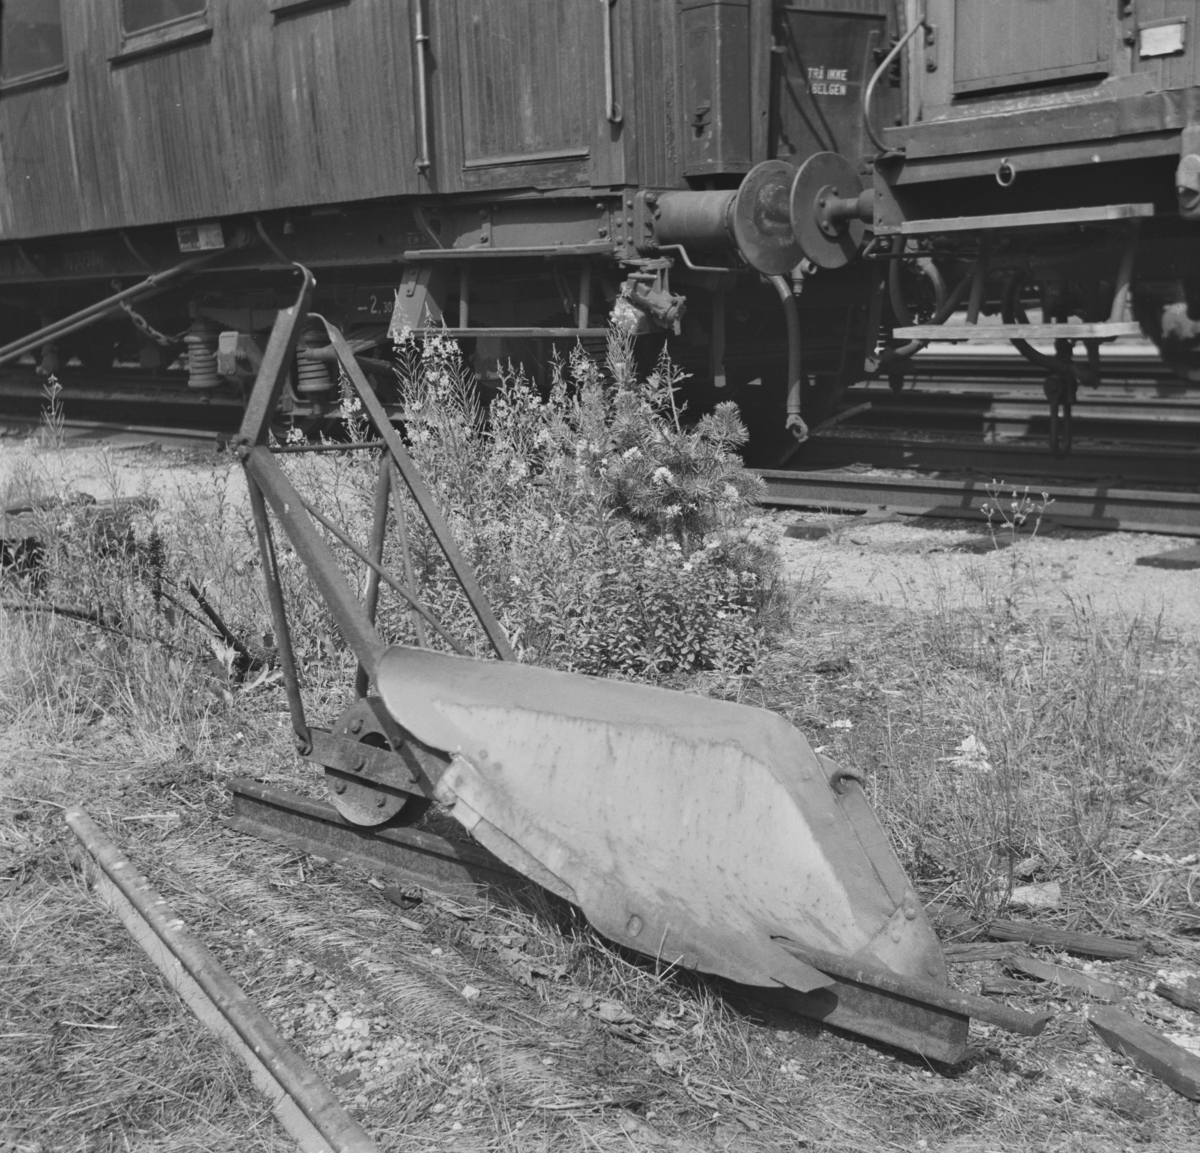 """En «slave» fra Setedalsbanen, 1. avdeling. Trukket av en mann, styrt av en annen for snørydding av en skinnestreng. """"Slaven"""" er bevart ved Setesdalsbanen."""